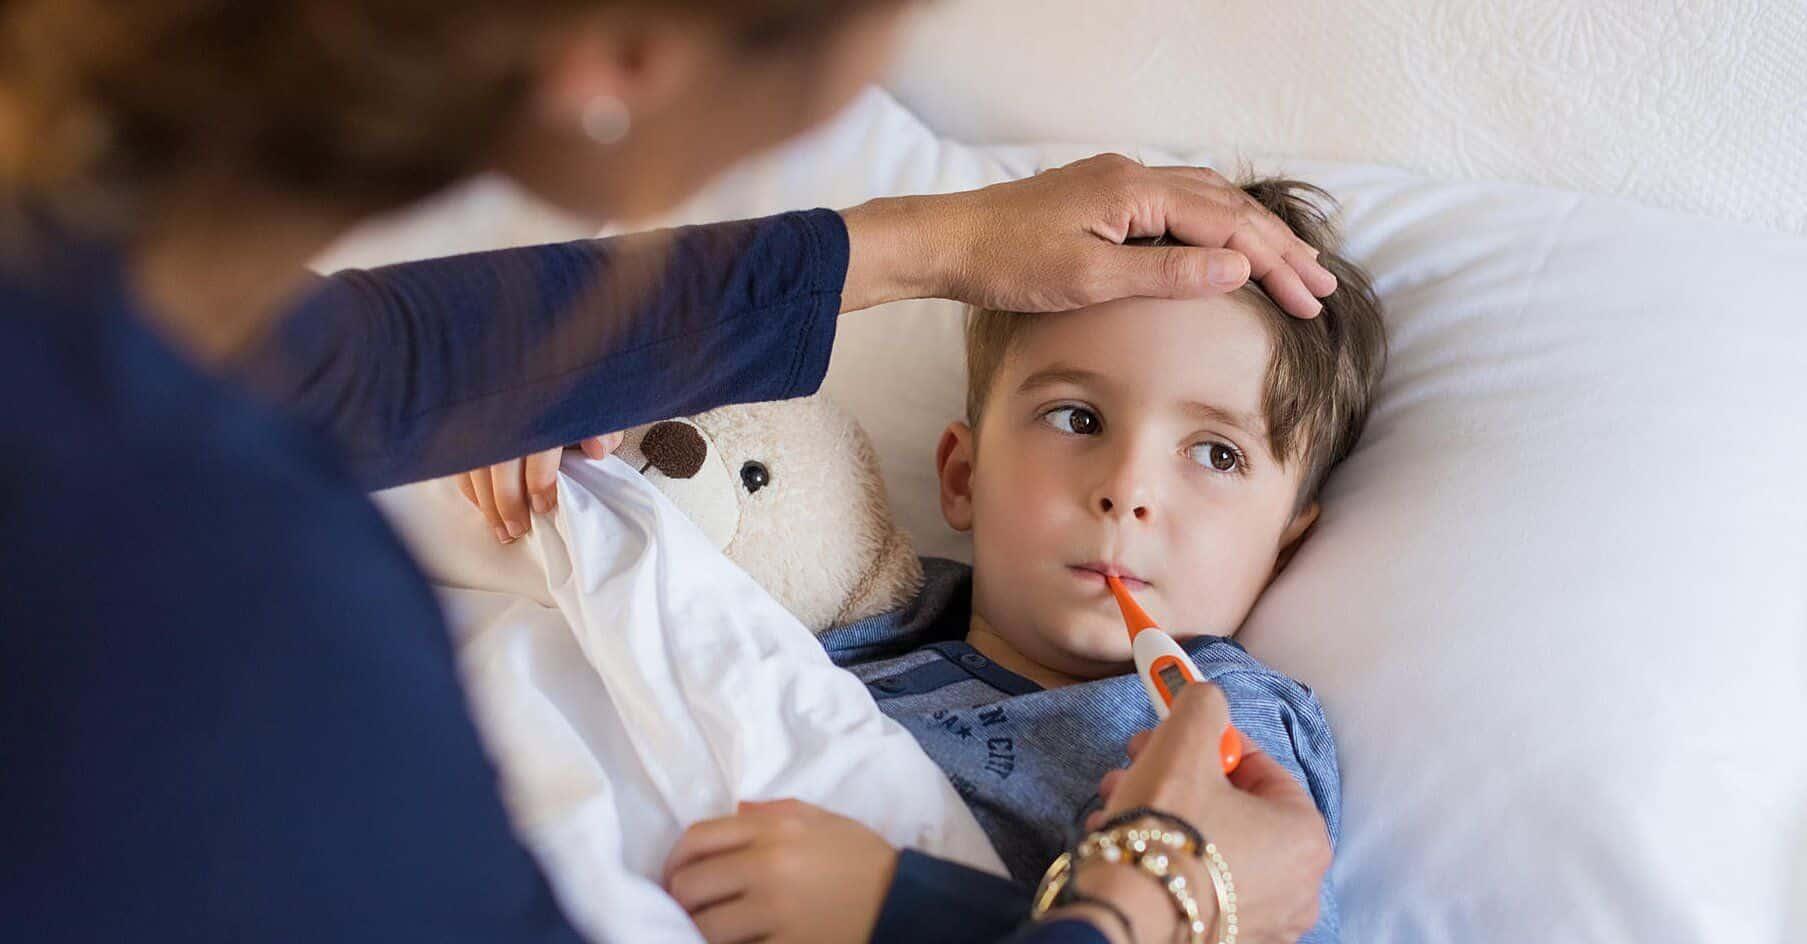 Sintomas de resfriado - como reconhecer e diferenças para a gripe